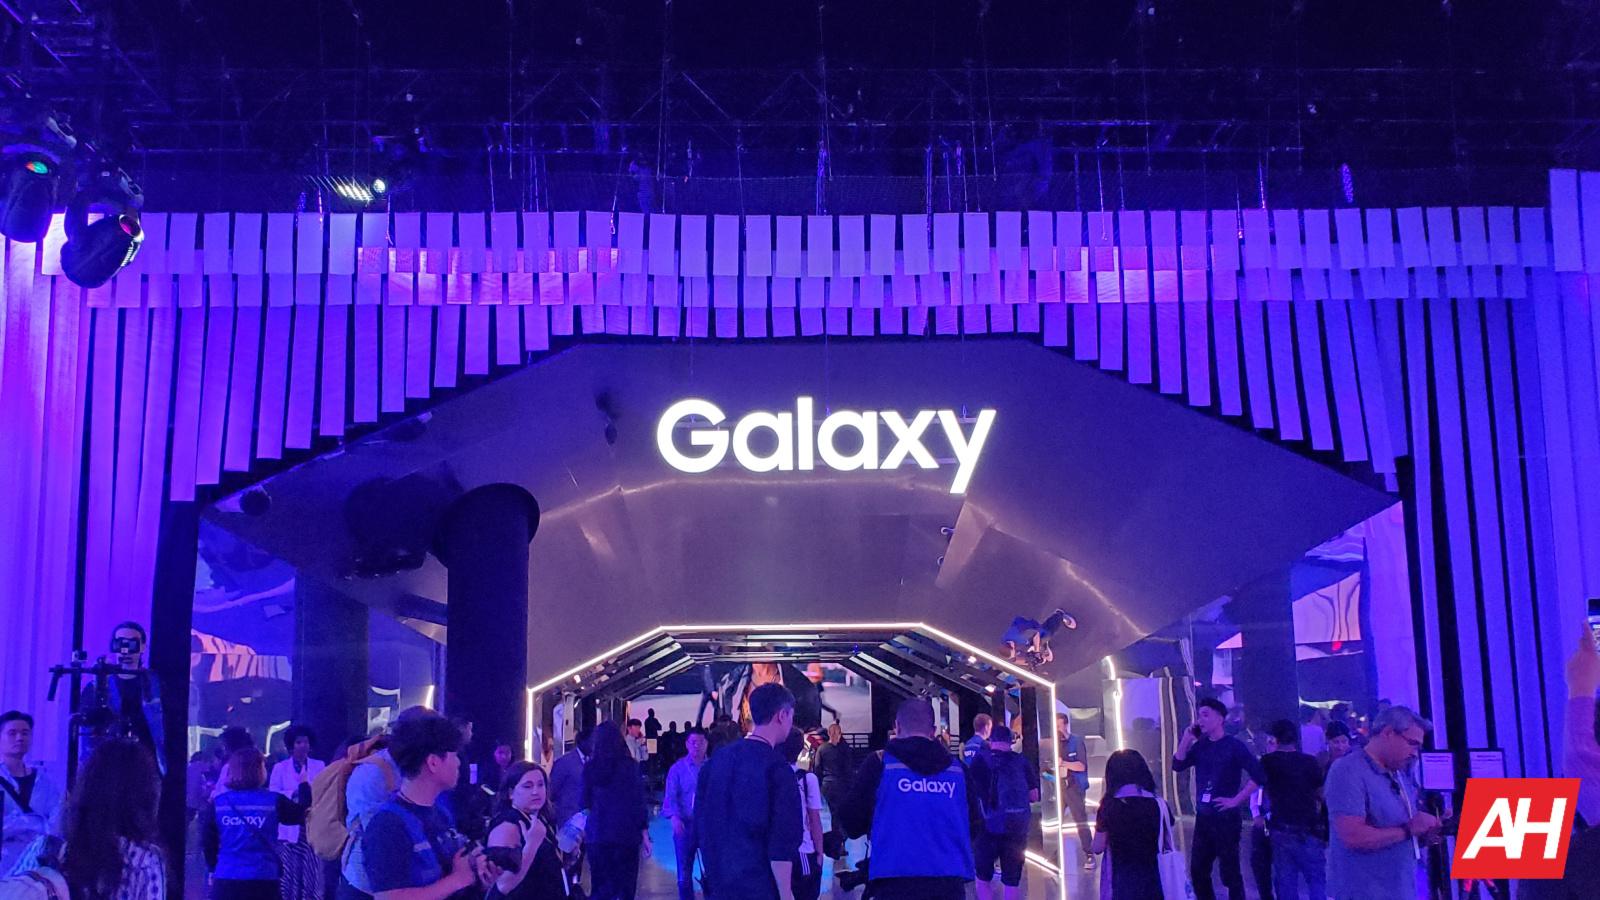 Samsung Galaxy S20 Series sẽ sẵn sàng vào ngày 13 tháng 3: Báo cáo 3